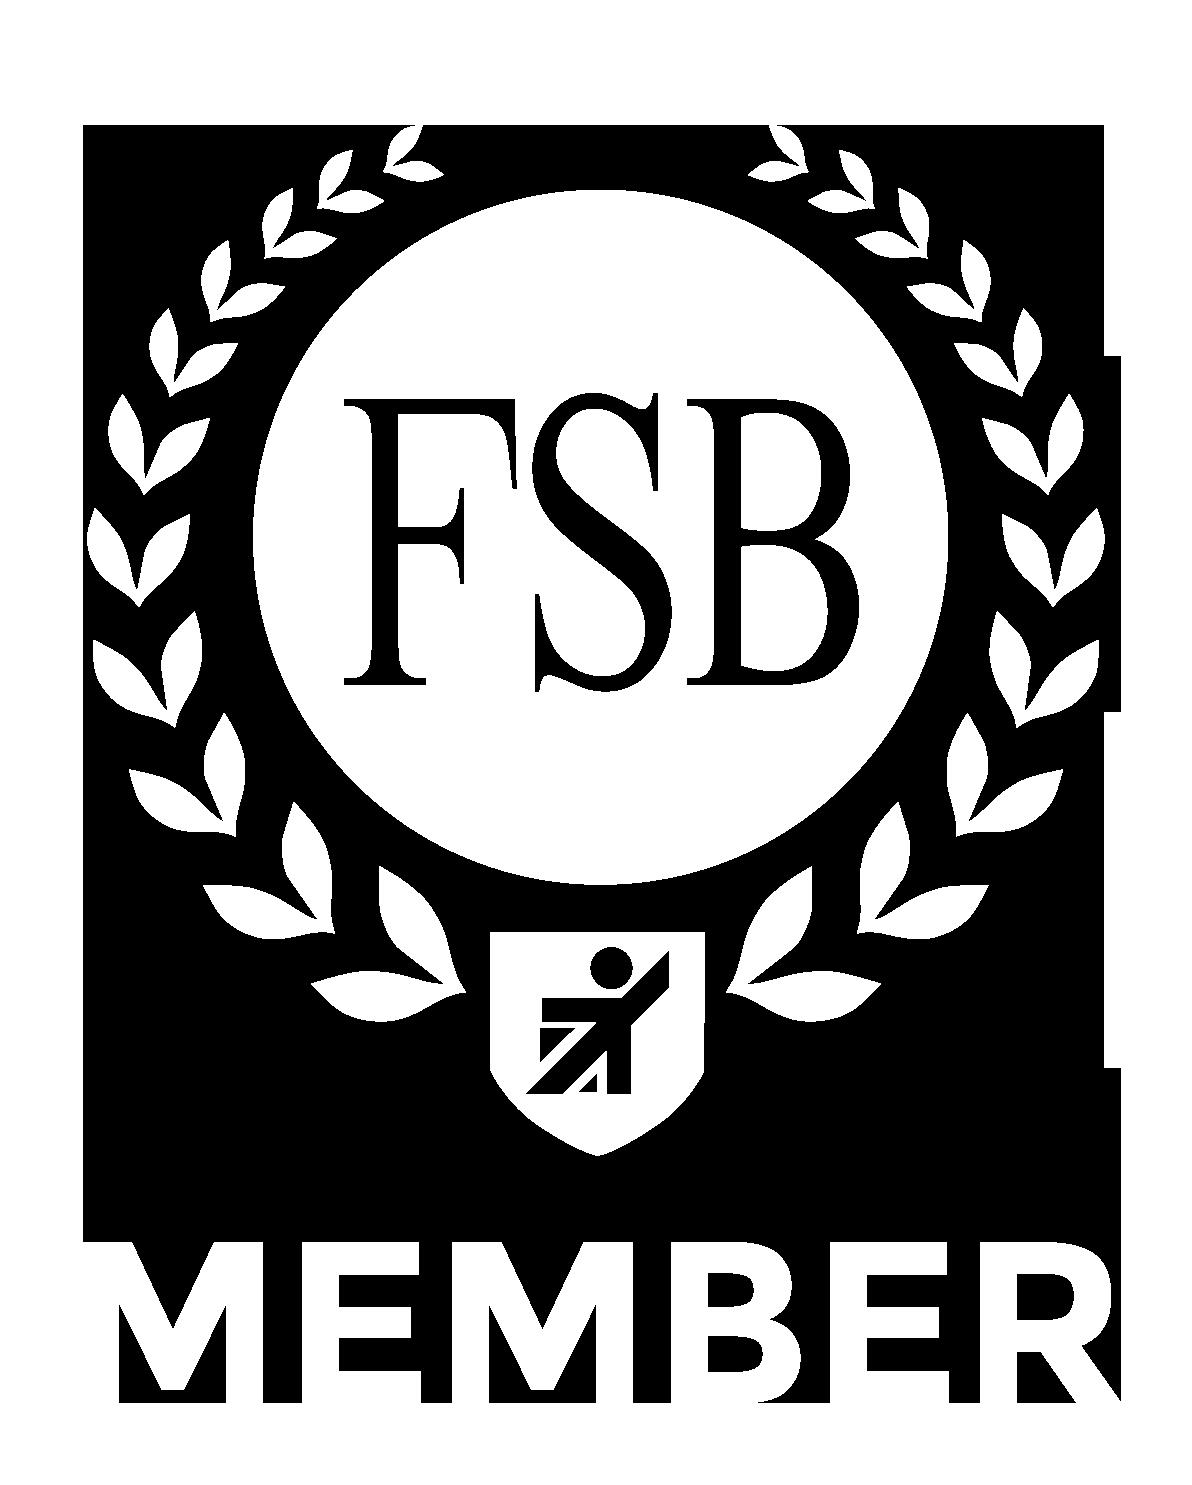 FSB_member_white